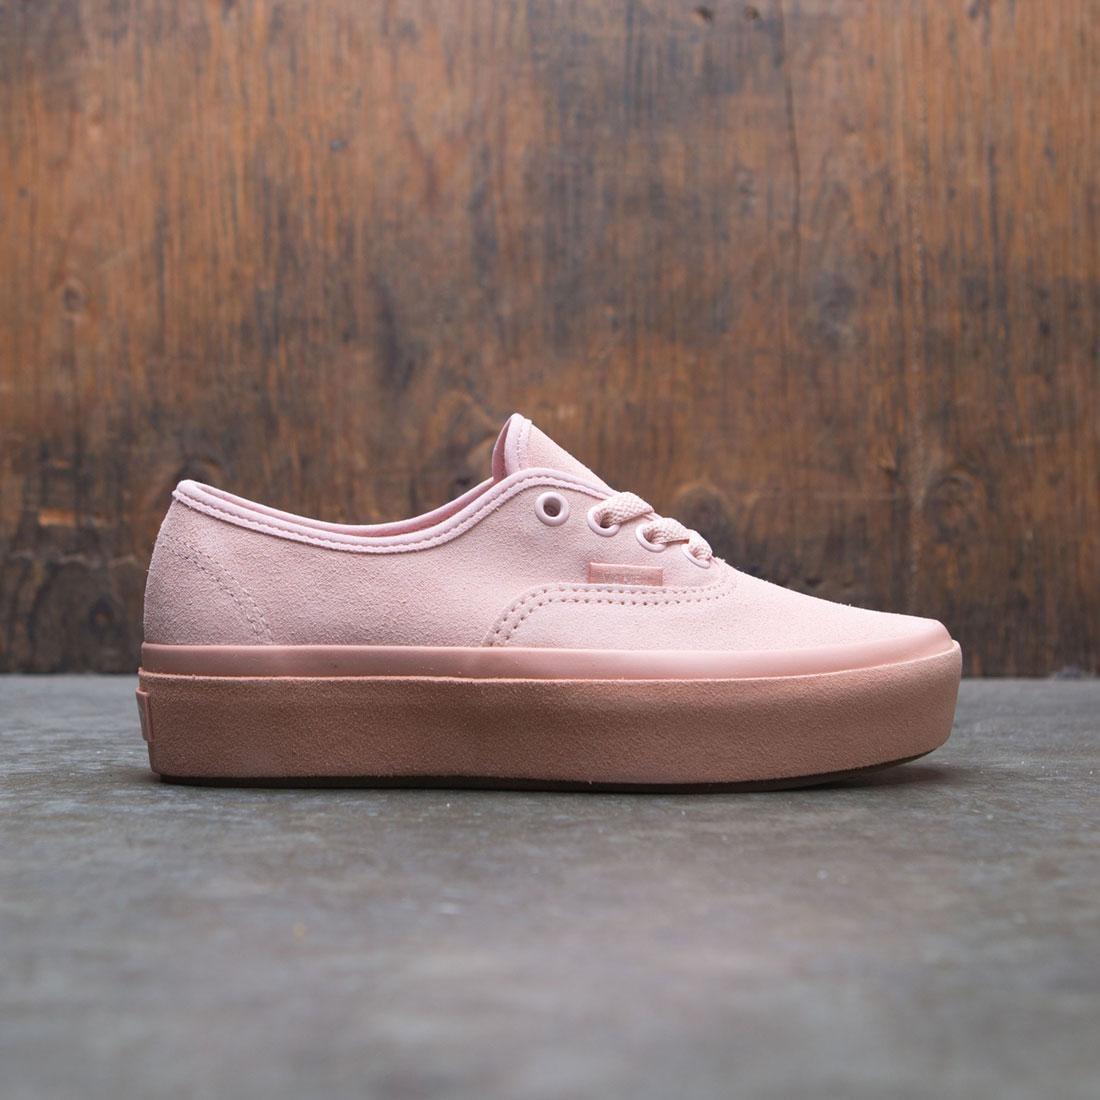 6e007c04a7 Vans Women Authentic Platform 2.0 (pink)